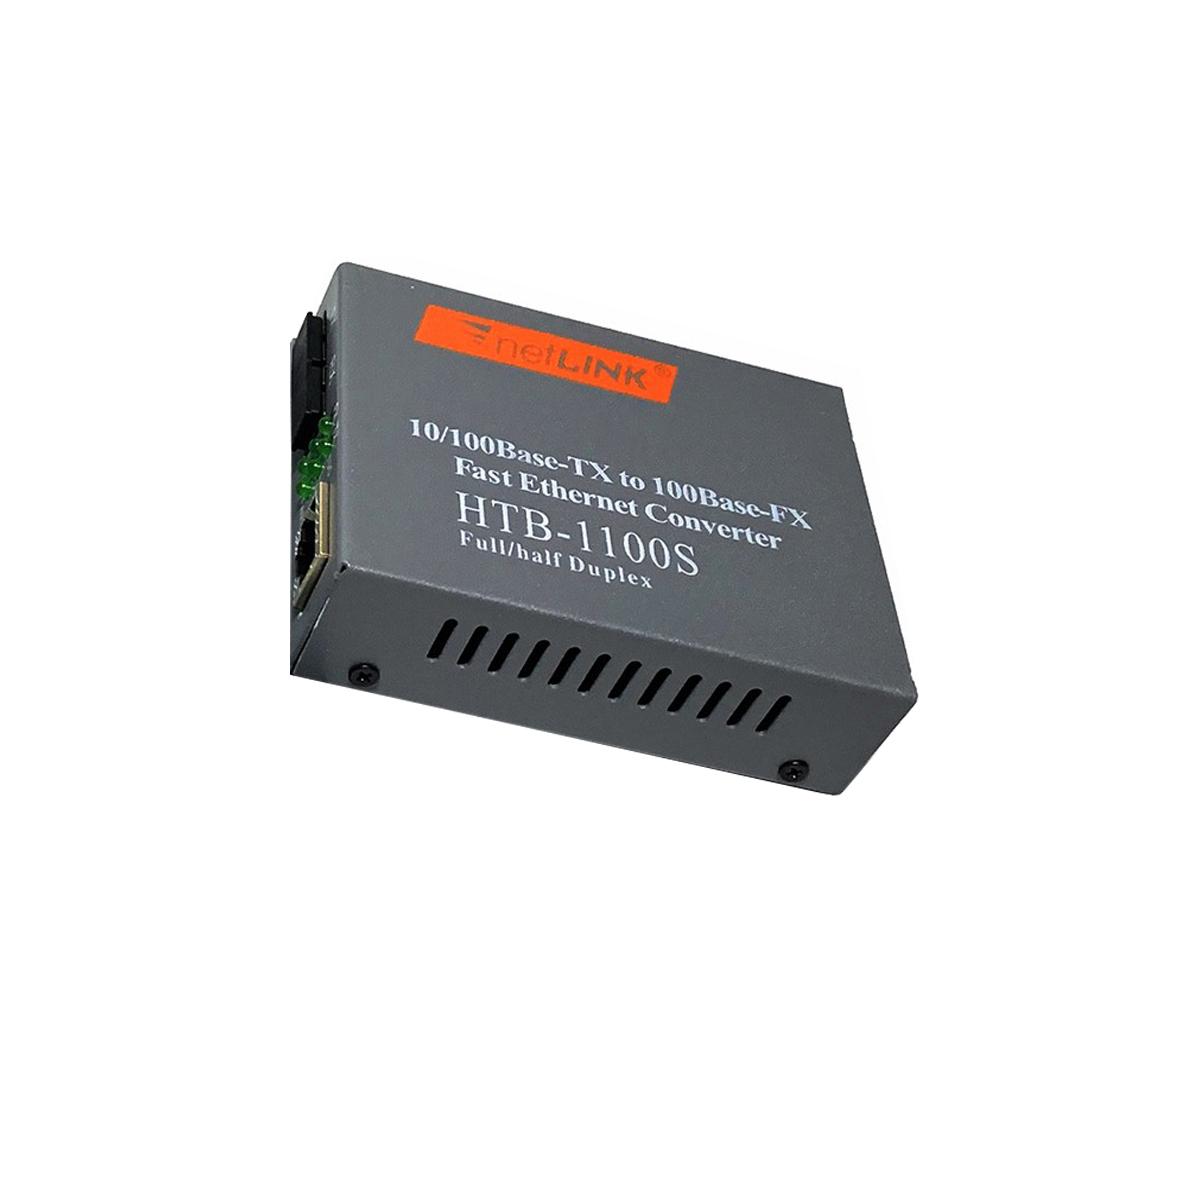 Bộ chuyển đổi quang điện 10/100M  (2 Sợi quang) Netlink HTB-1100S 25KM (2 thiết bị) - Hàng Nhập khẩu